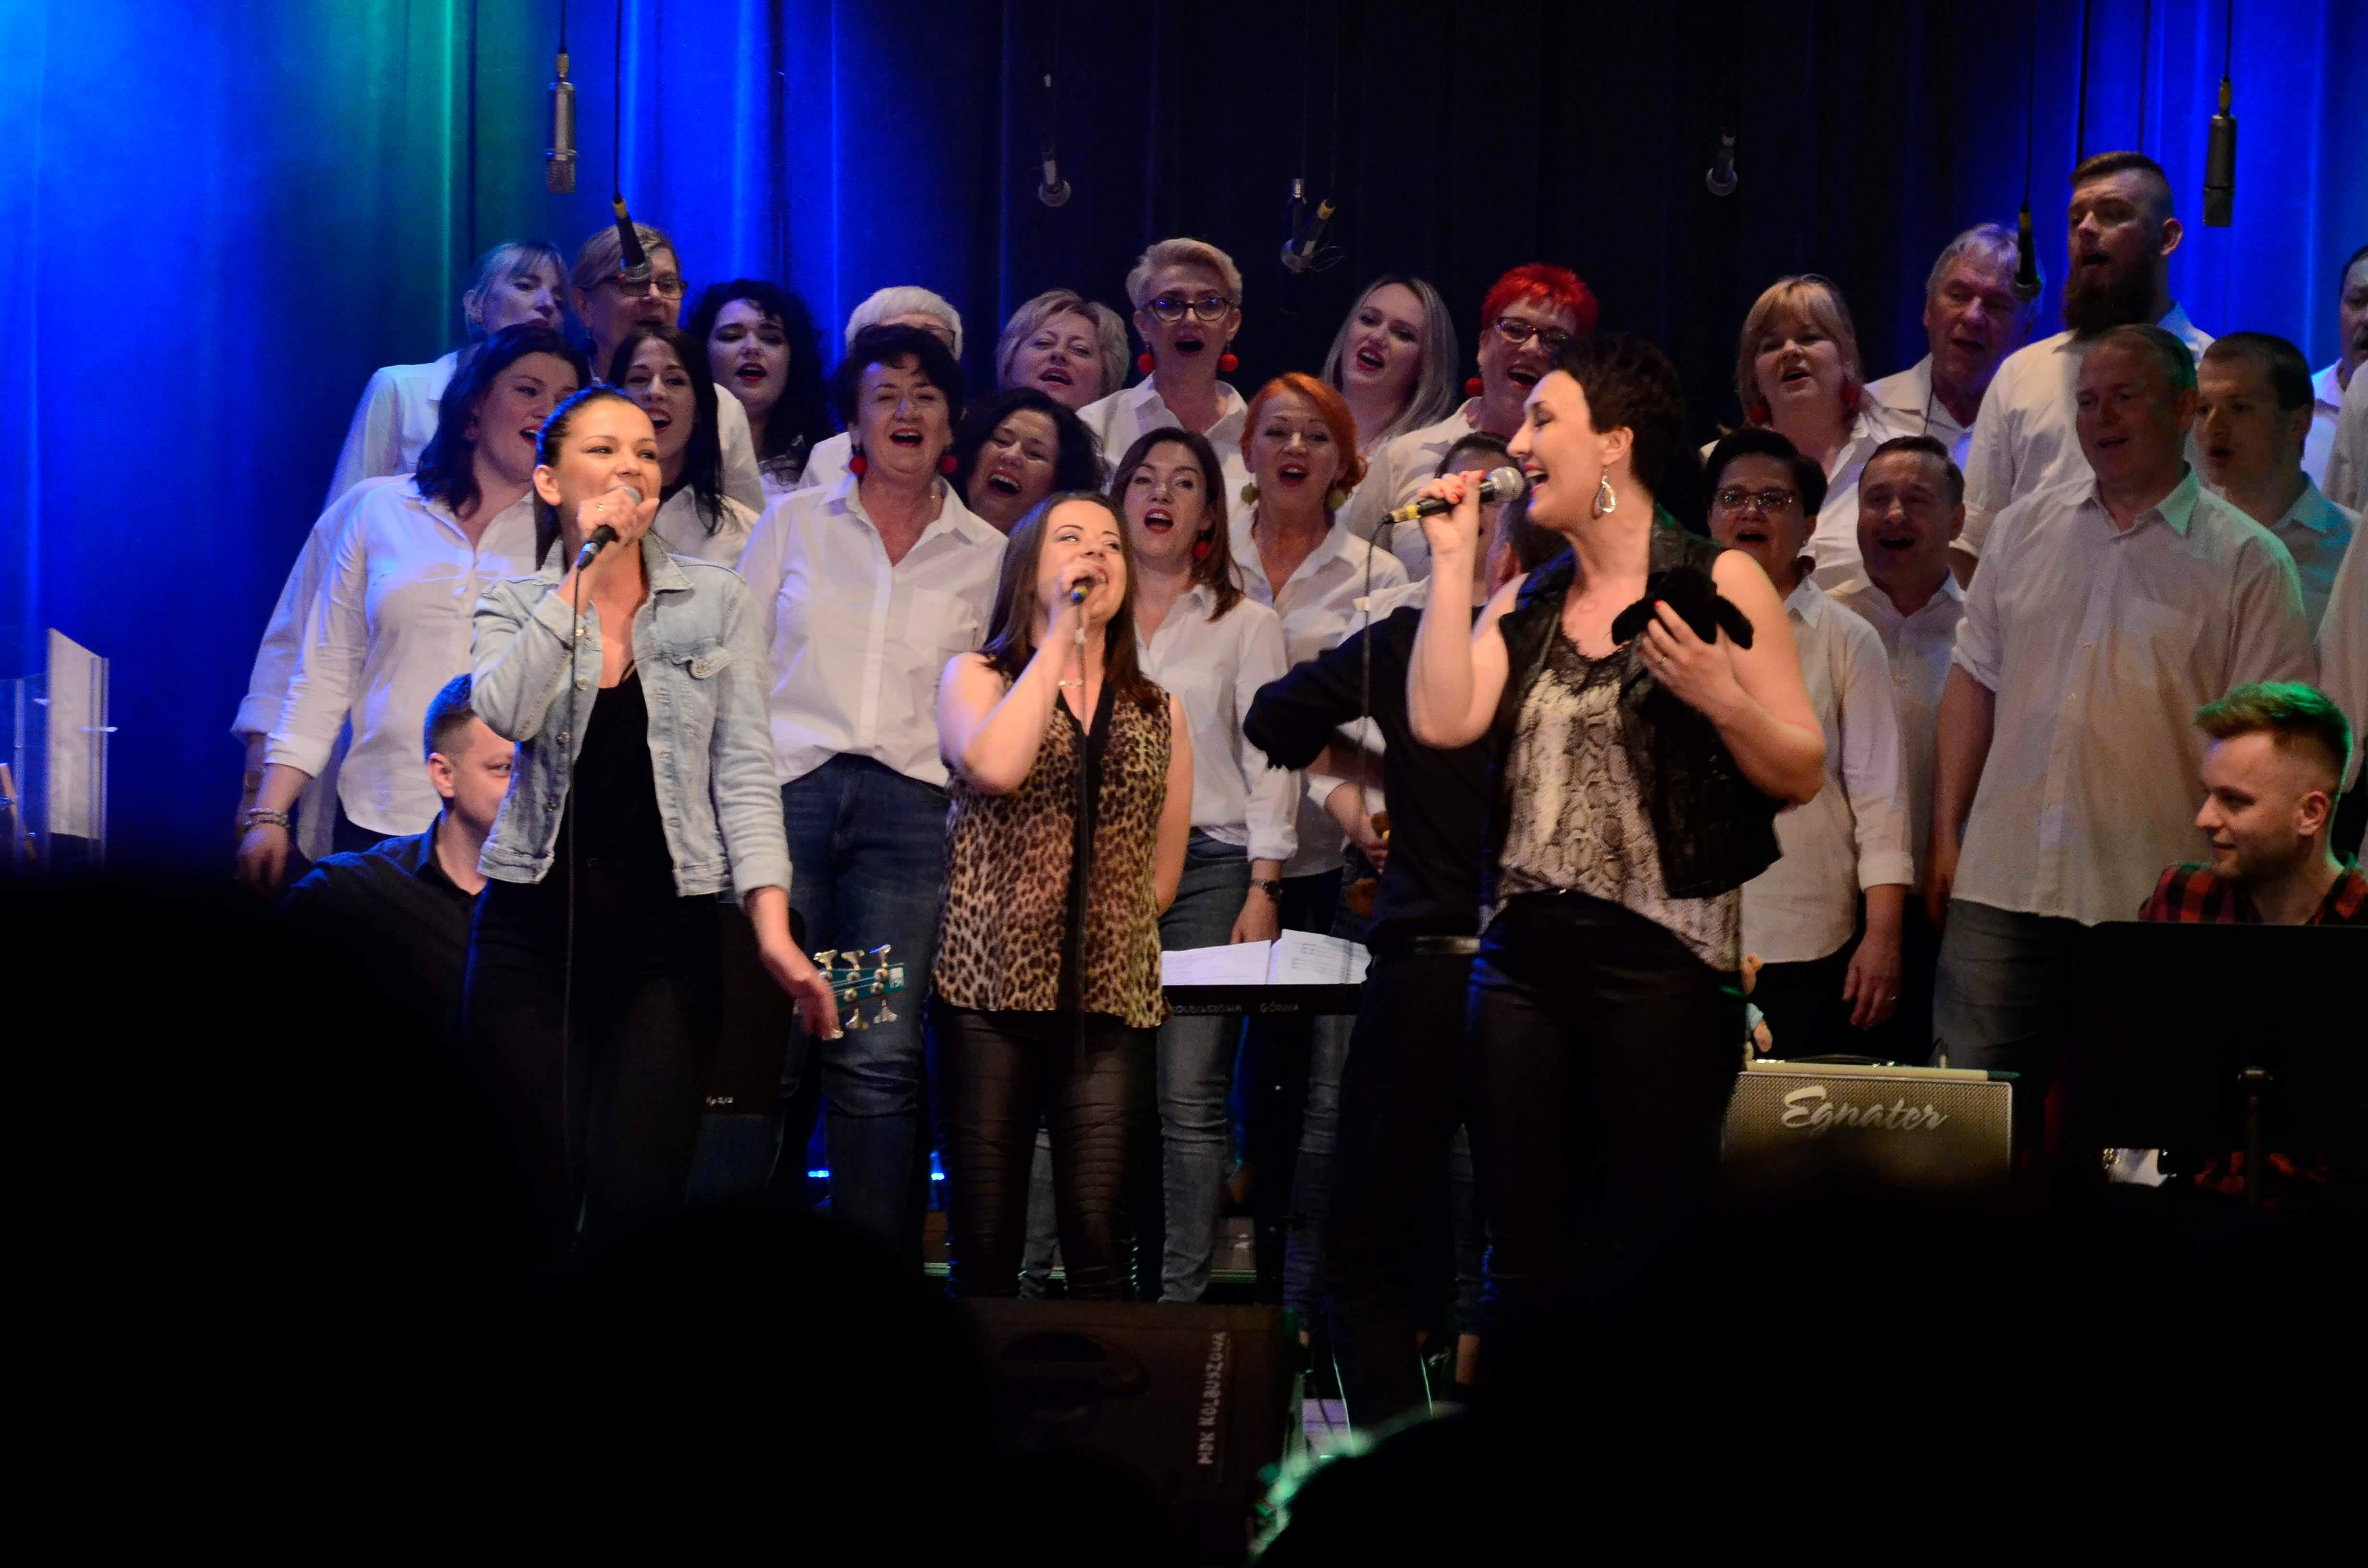 Koncert dla Kory w Kolbuszowej  GALERIA ZDJĘĆ  VIDEO   - Zdjęcie główne